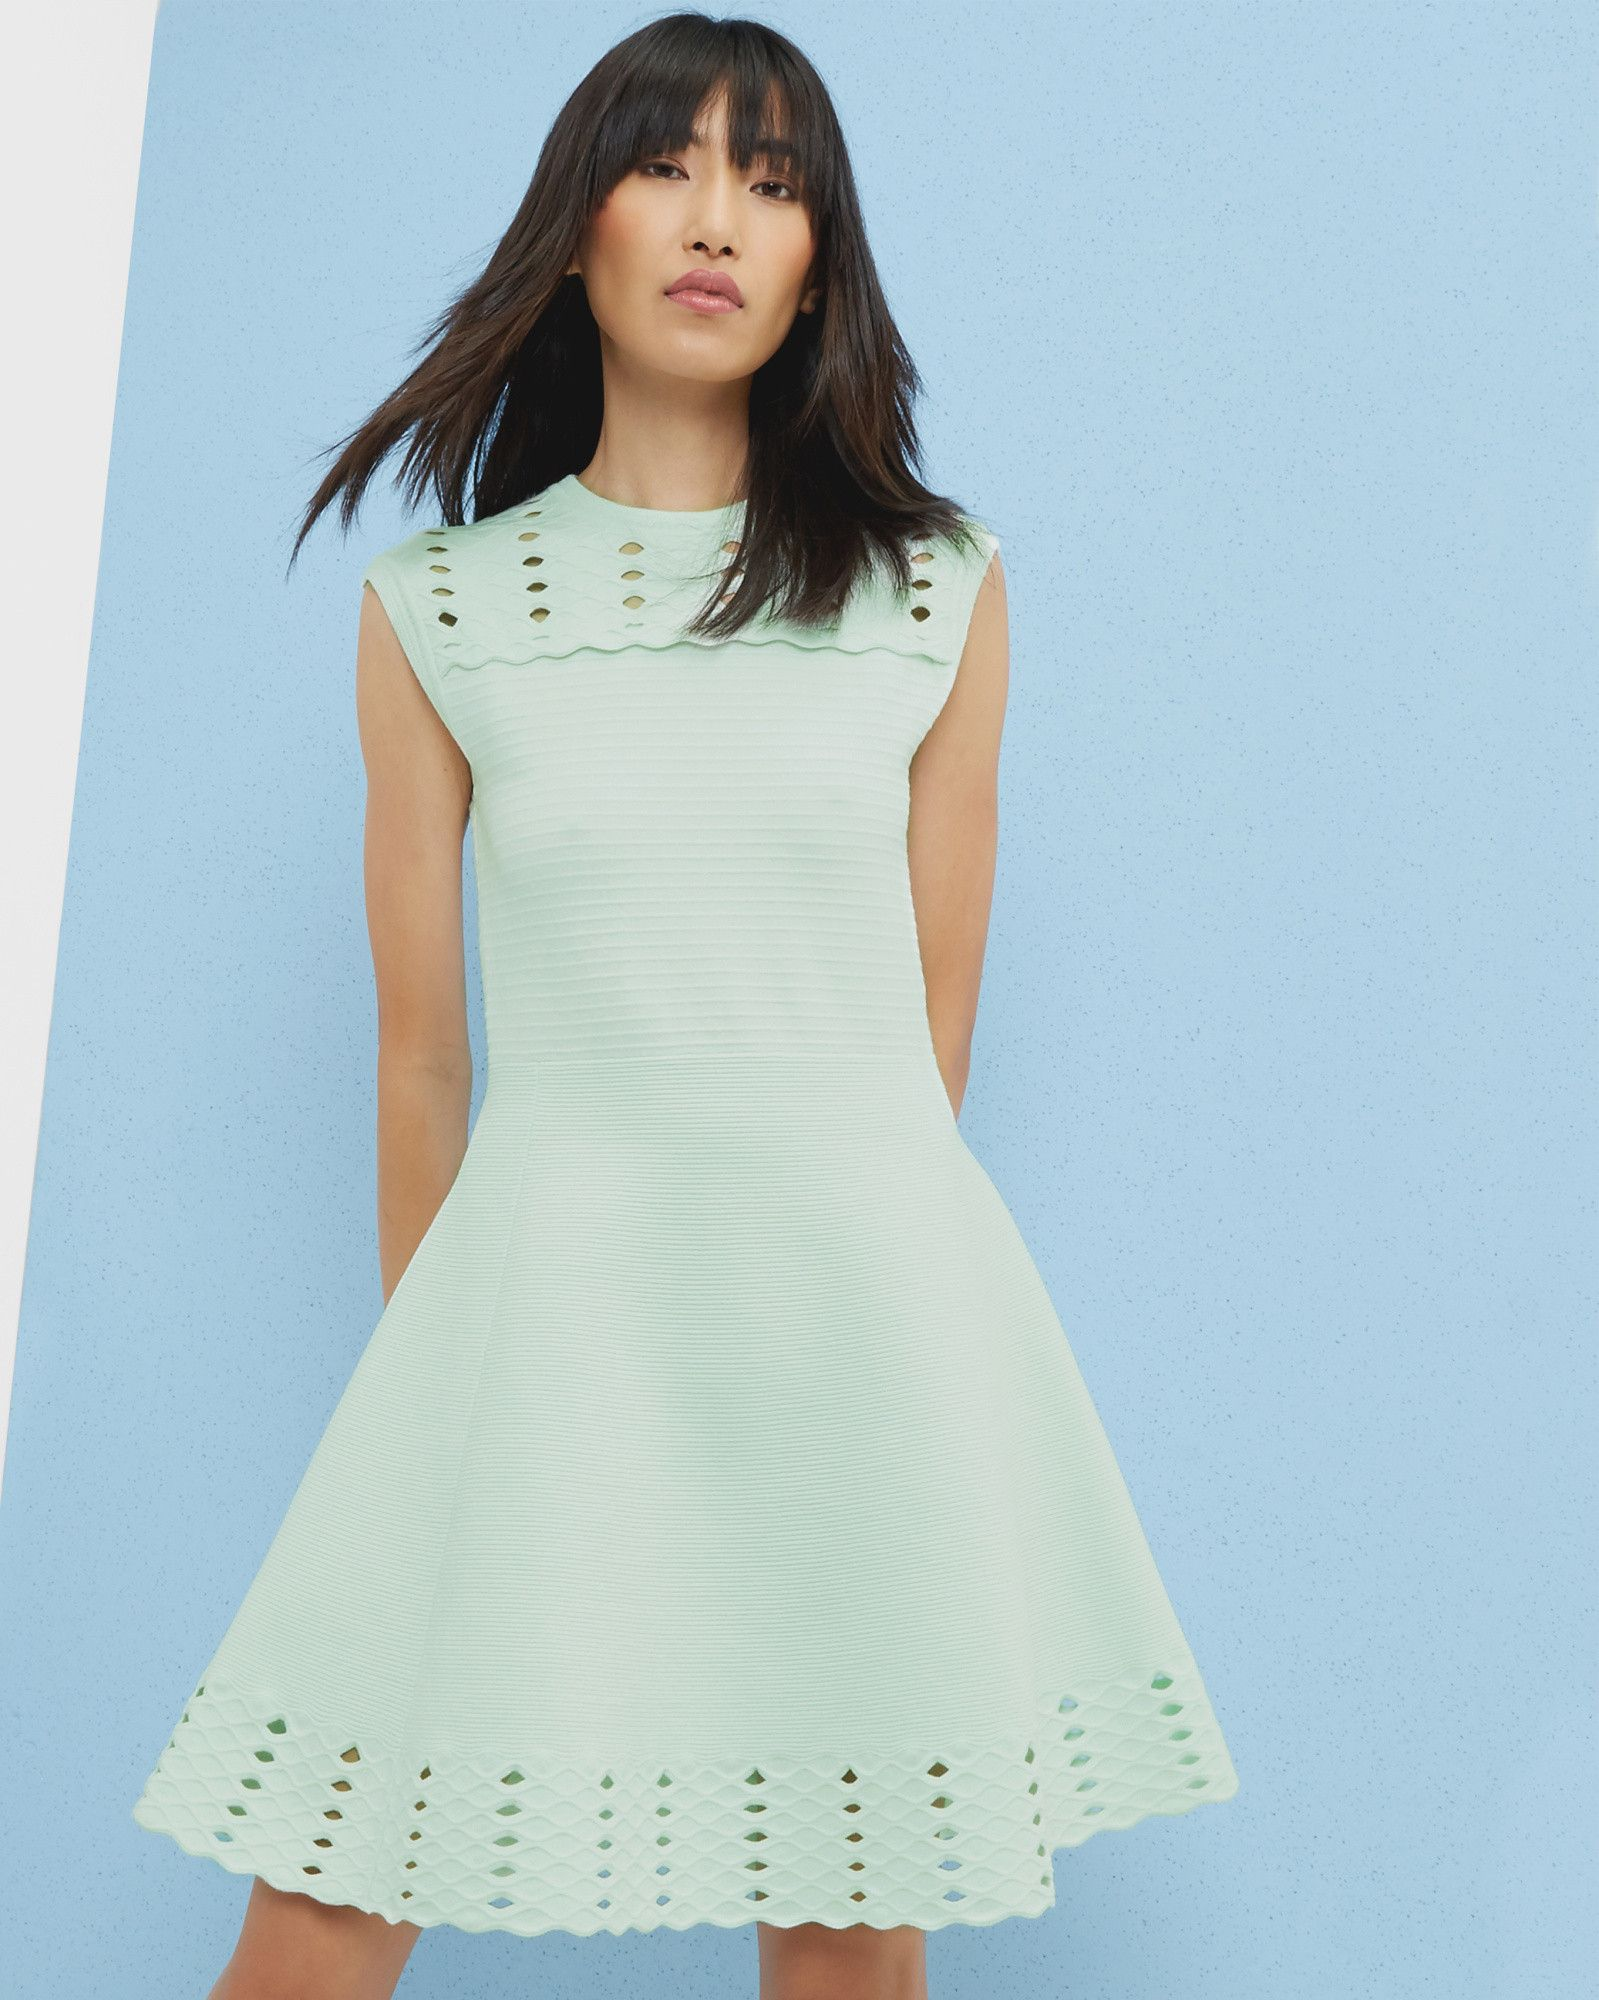 Fine Ted Baker Wedding Dresses Frieze Wedding Ideas memiocall